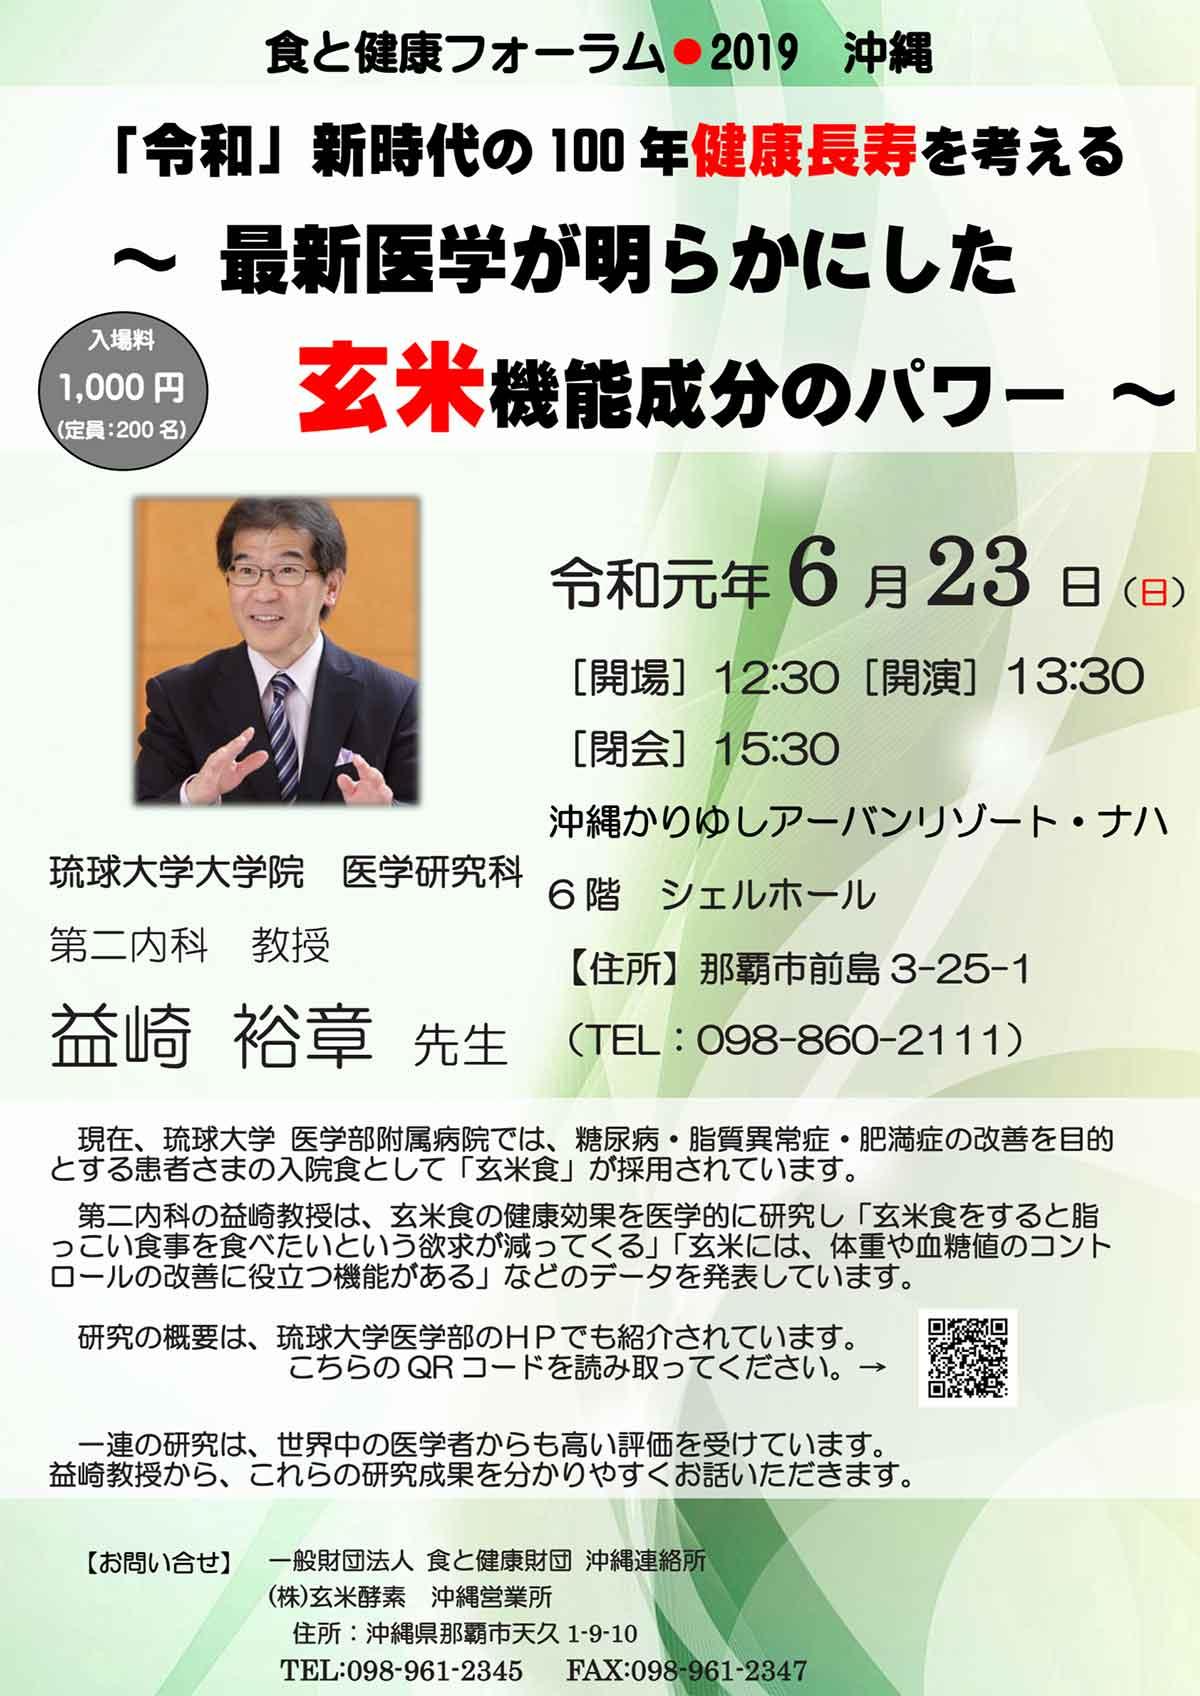 ホームページ 琉球 大学